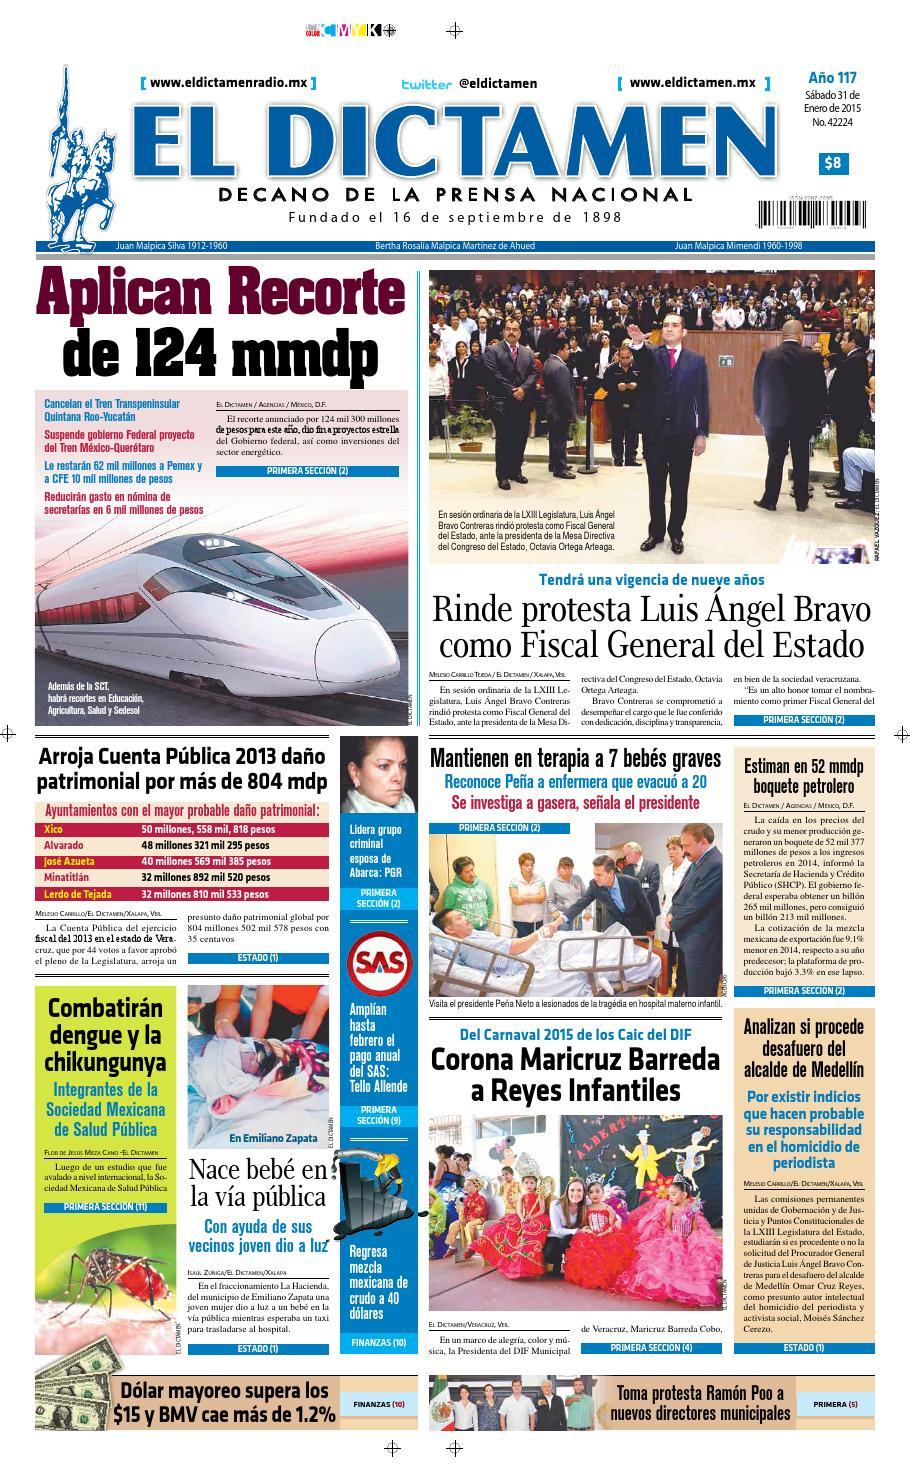 El Dictamen 31 de Enero de 2015 by El Dictamen - issuu dc4c43b011e